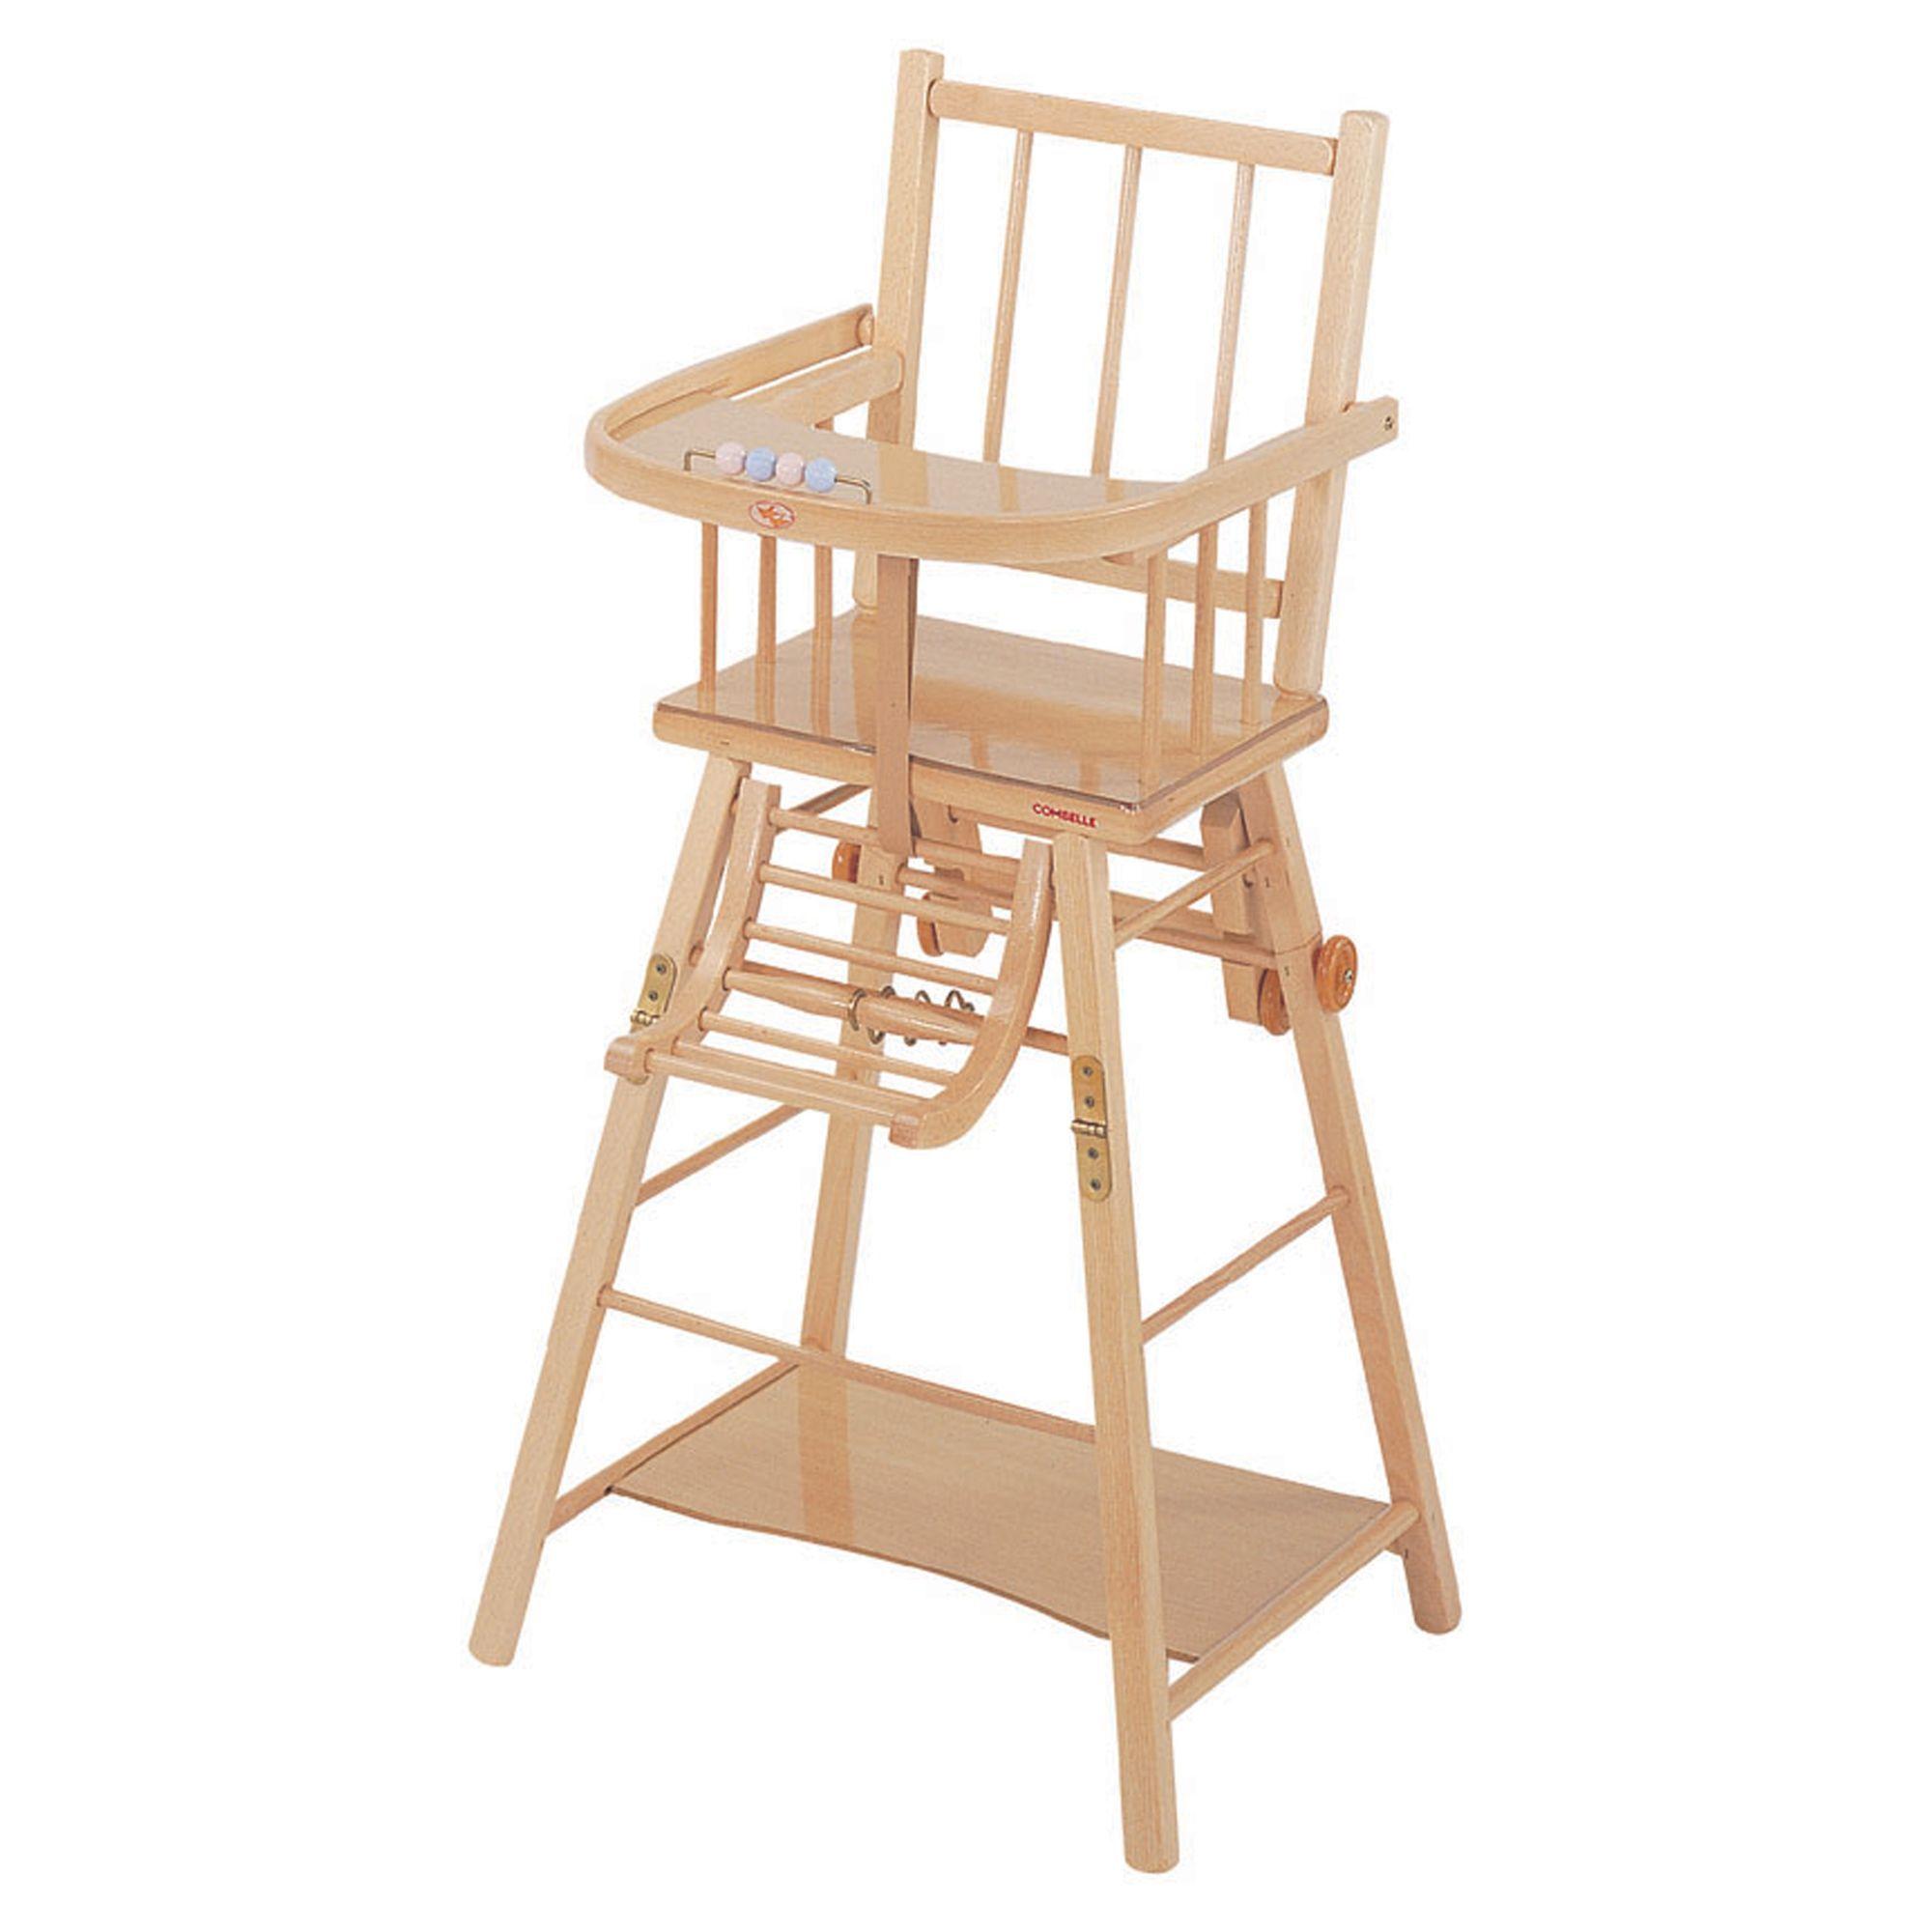 Chaise haute transformable pour bébé COMBELLE en hêtre Vernis ...